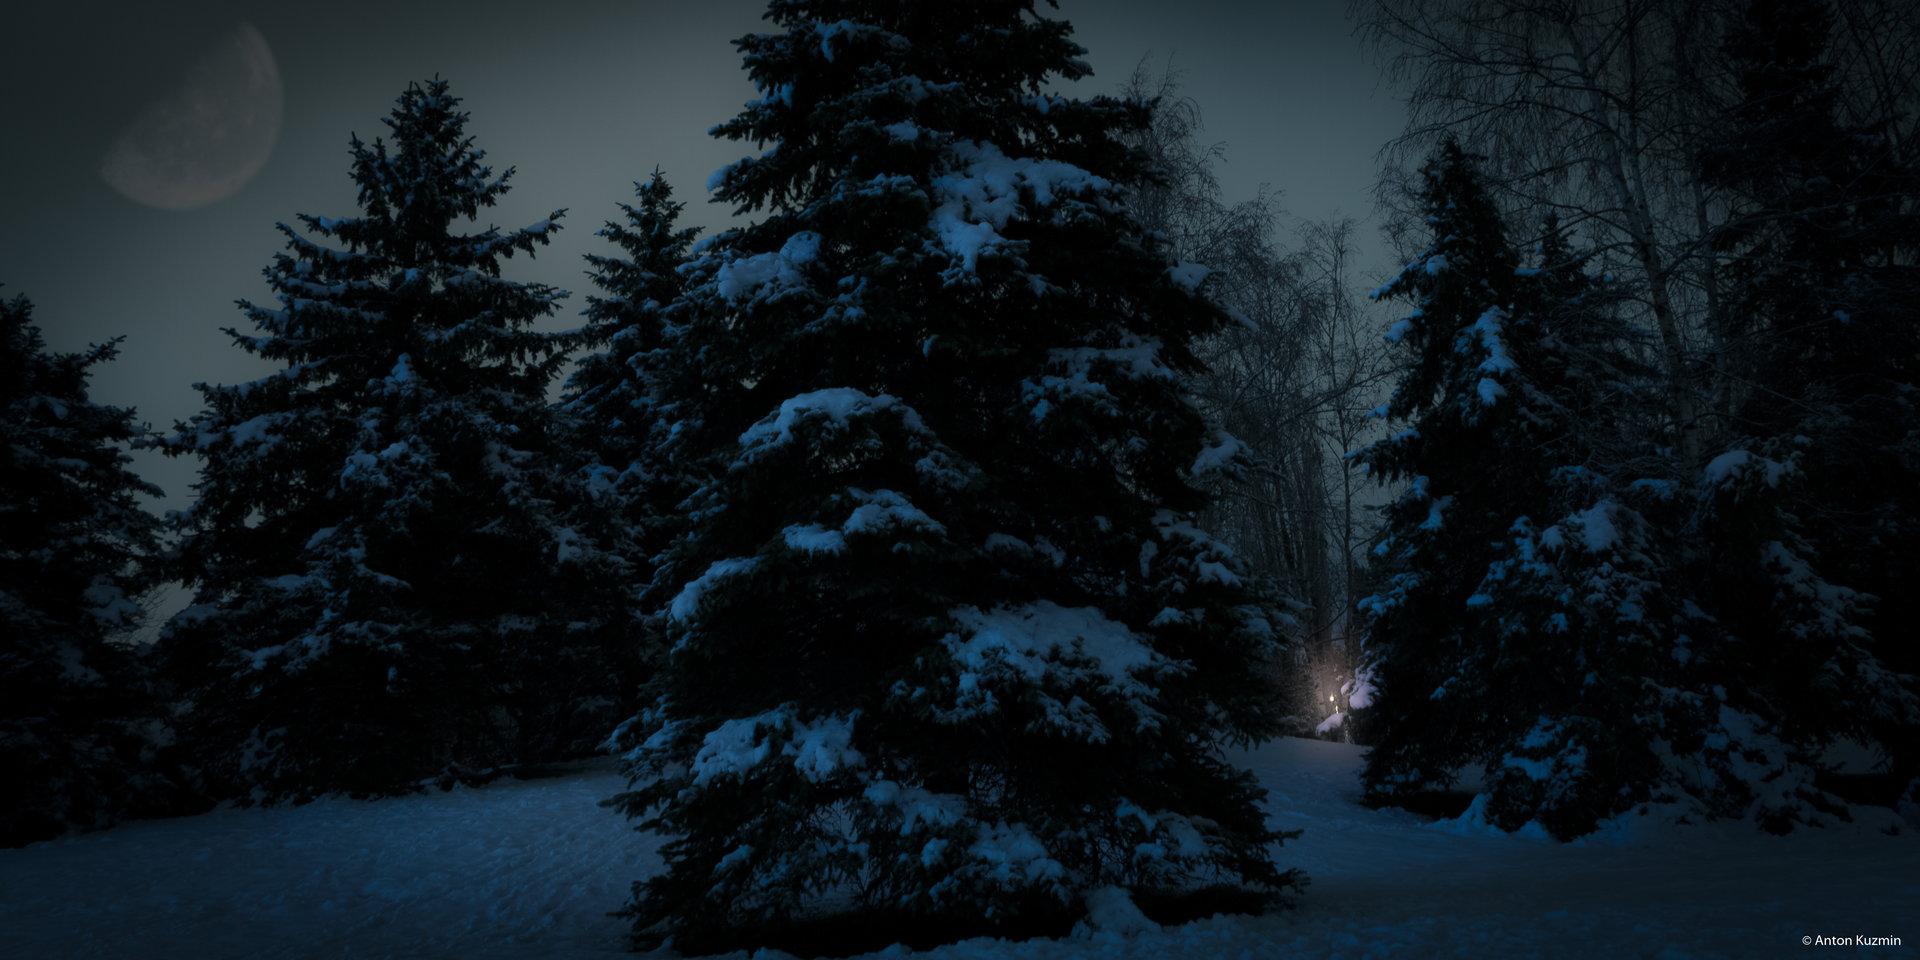 Нощ в гората. от Anton Kuzmin - AVKltd